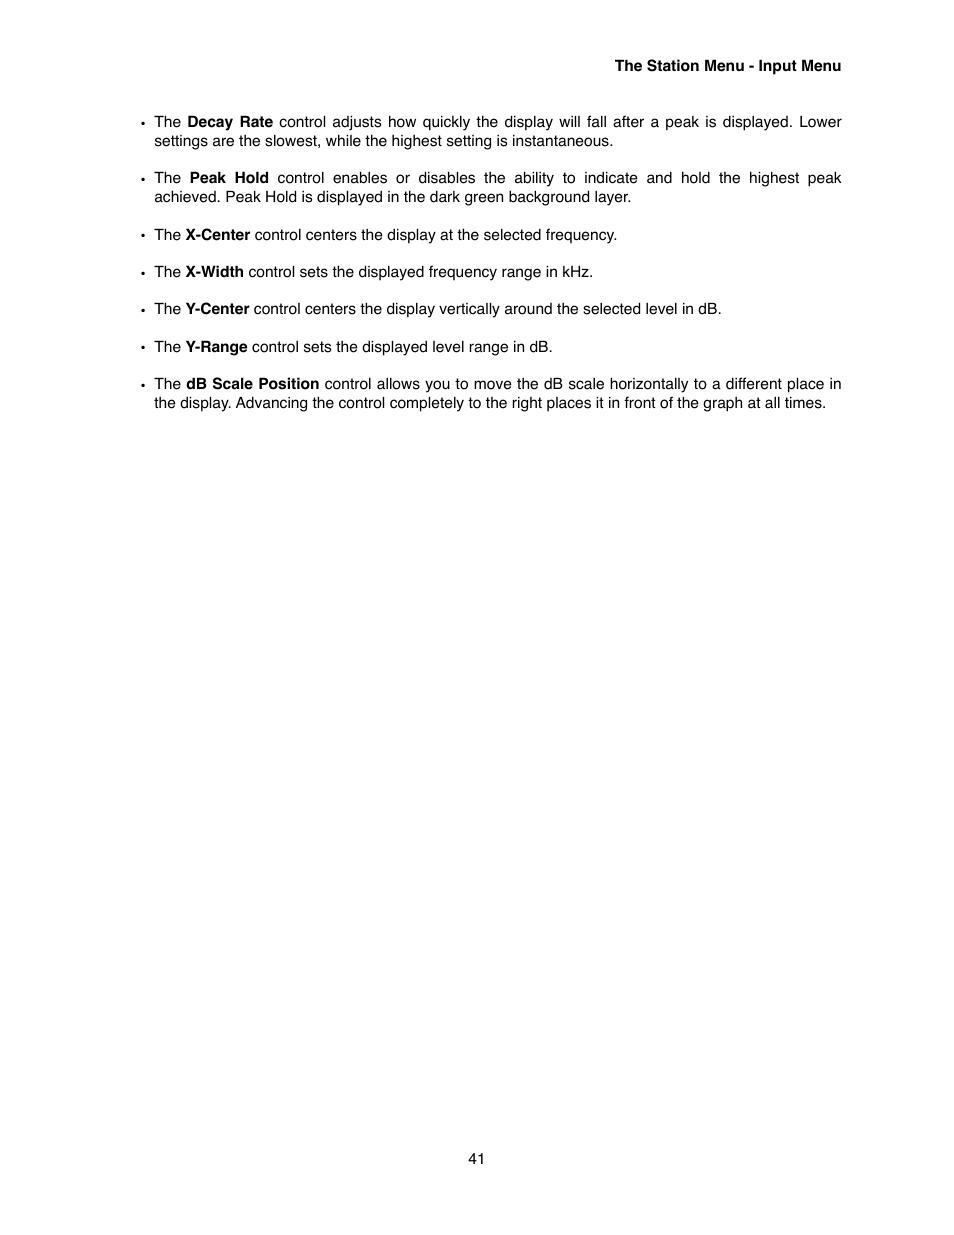 omnia audio omnia 9 xe user manual page 41 108 original mode rh manualsdir com turris omnia user manual omni user manual k10048254